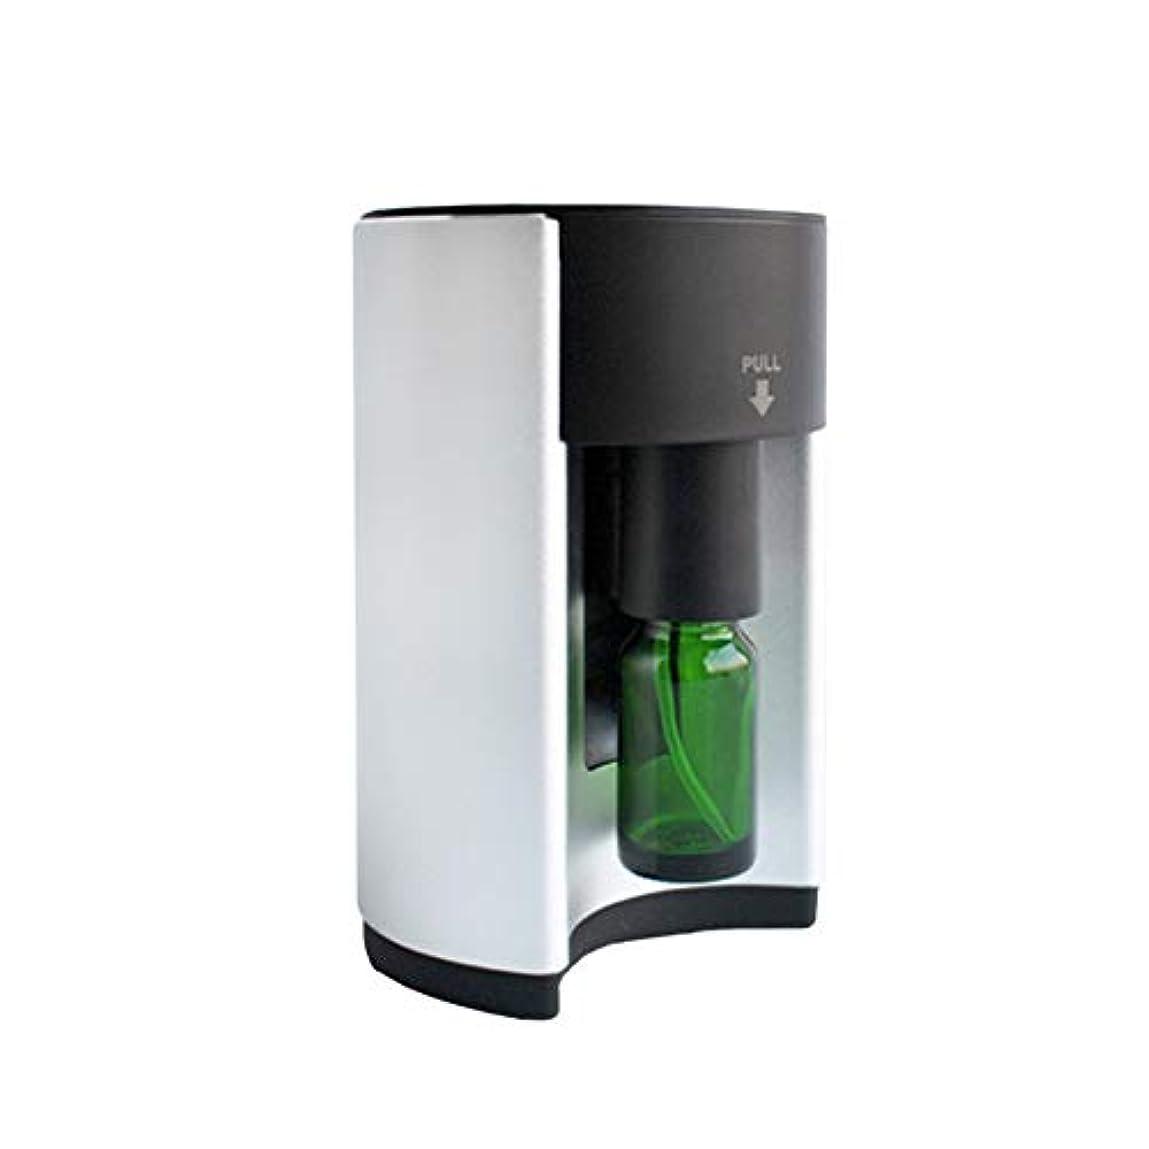 音声ダンプ私達広範囲適用 アロマディフューザー ネブライザー式 シルバー アロマオイル アロマグラス 人気 タイマー機能 コンパクトタイプ エッセンシャルオイル 加湿 うるおい